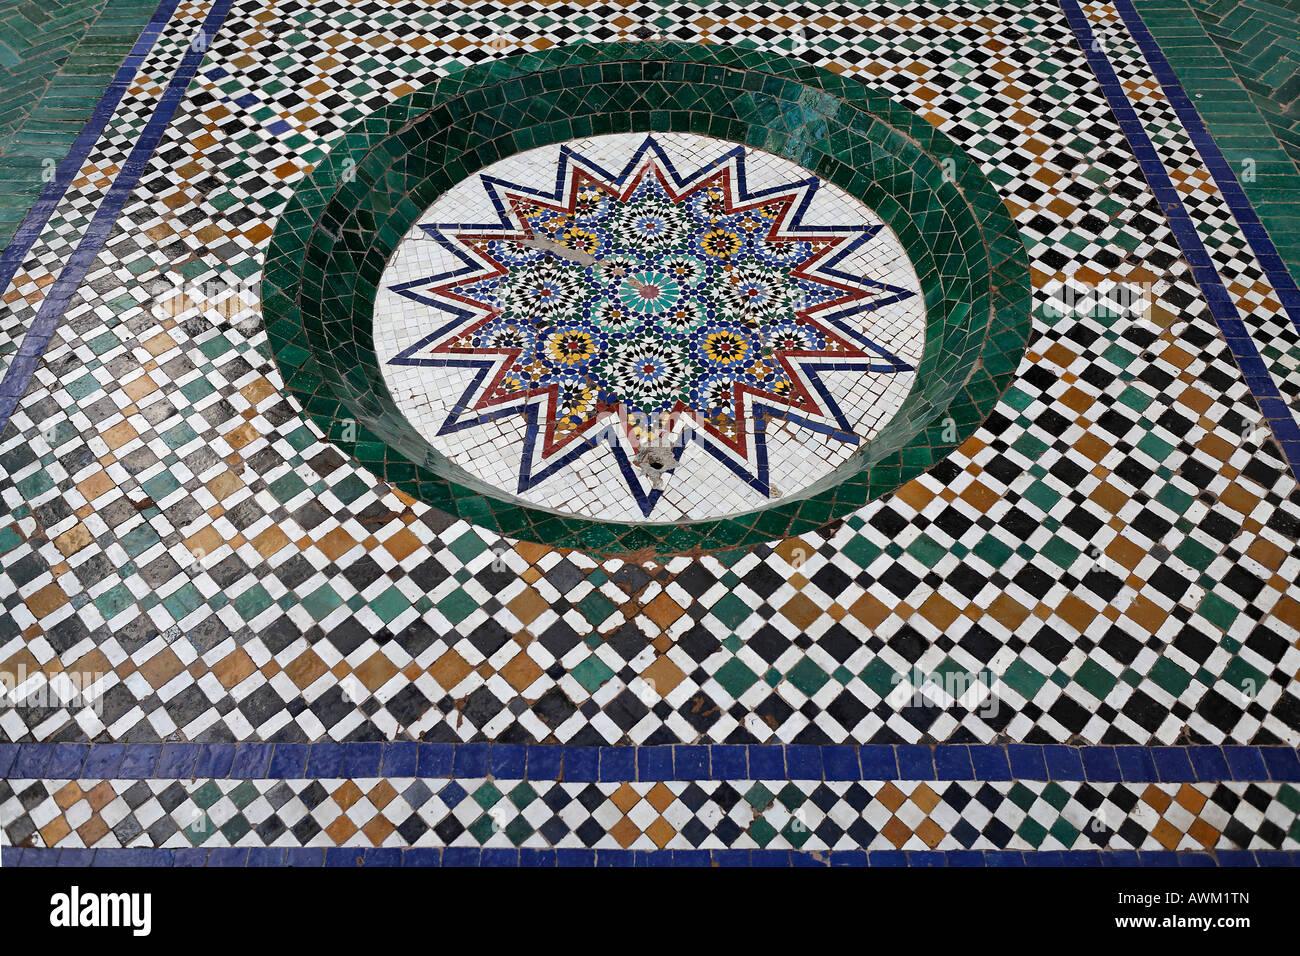 Decorazione di piastrelle del pavimento zellij dar mnebhi palace